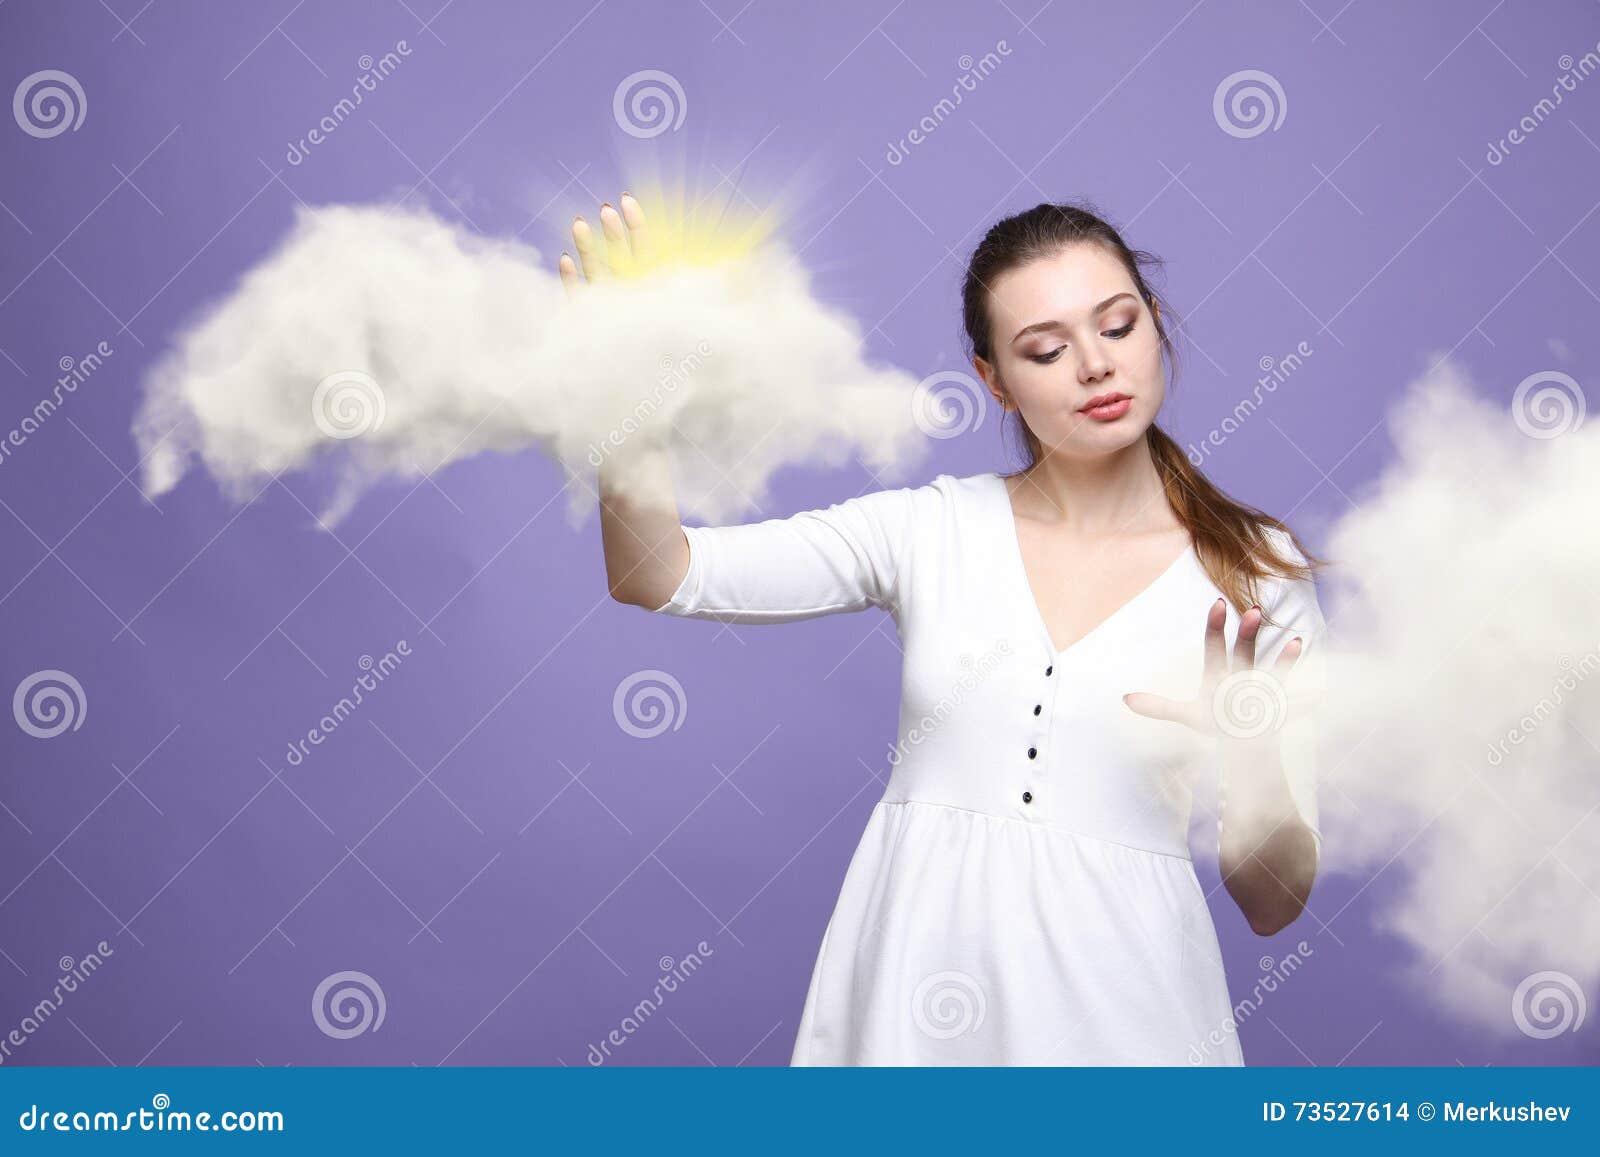 Молодая женщина и солнце светя вне от за облаков, вычислять облака или концепции погоды